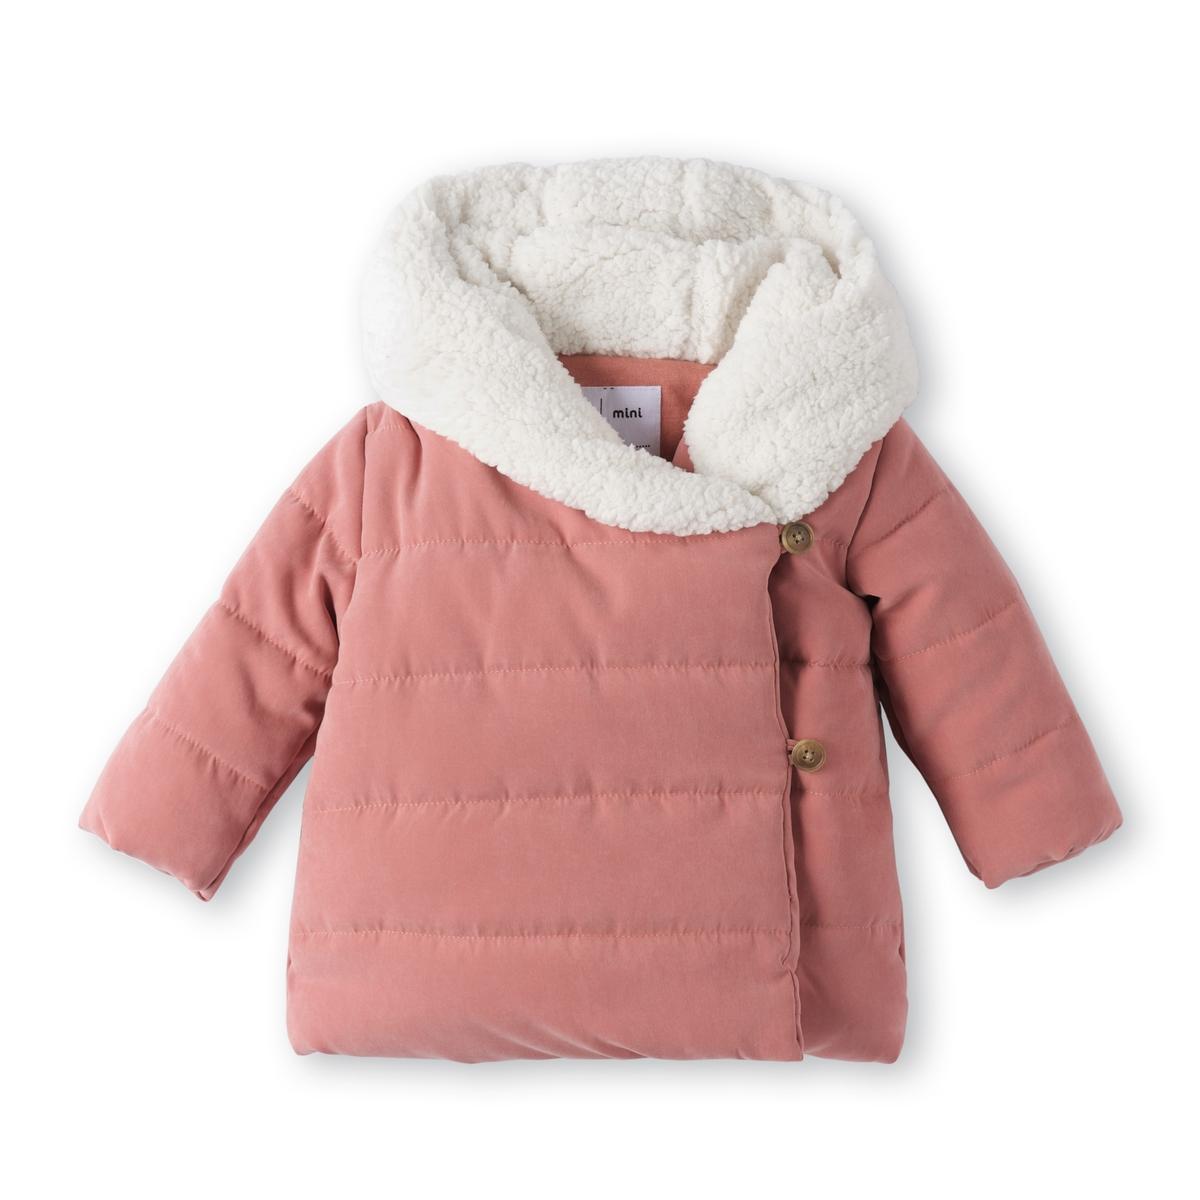 Стеганая куртка с капюшоном, 1 месяц - 3 годаОписание:Детали •  Для холодной зимы  •  Непромокаемая  •  с капюшоном   •  Длина : удлиненная модельСостав и уход •  10% полиамида, 90% полиэстера  •  Наполнитель : 100% полиэстер •  Стирать при температуре 30° на деликатном режиме •  Глажка запрещена •  Не использовать барабанную сушку •  Сухая чистка запрещена<br><br>Цвет: розовый<br>Размер: 1 мес. - 54 см.18 мес. - 81 см.1 год - 74 см.2 года - 86 см.9 мес. - 71 см